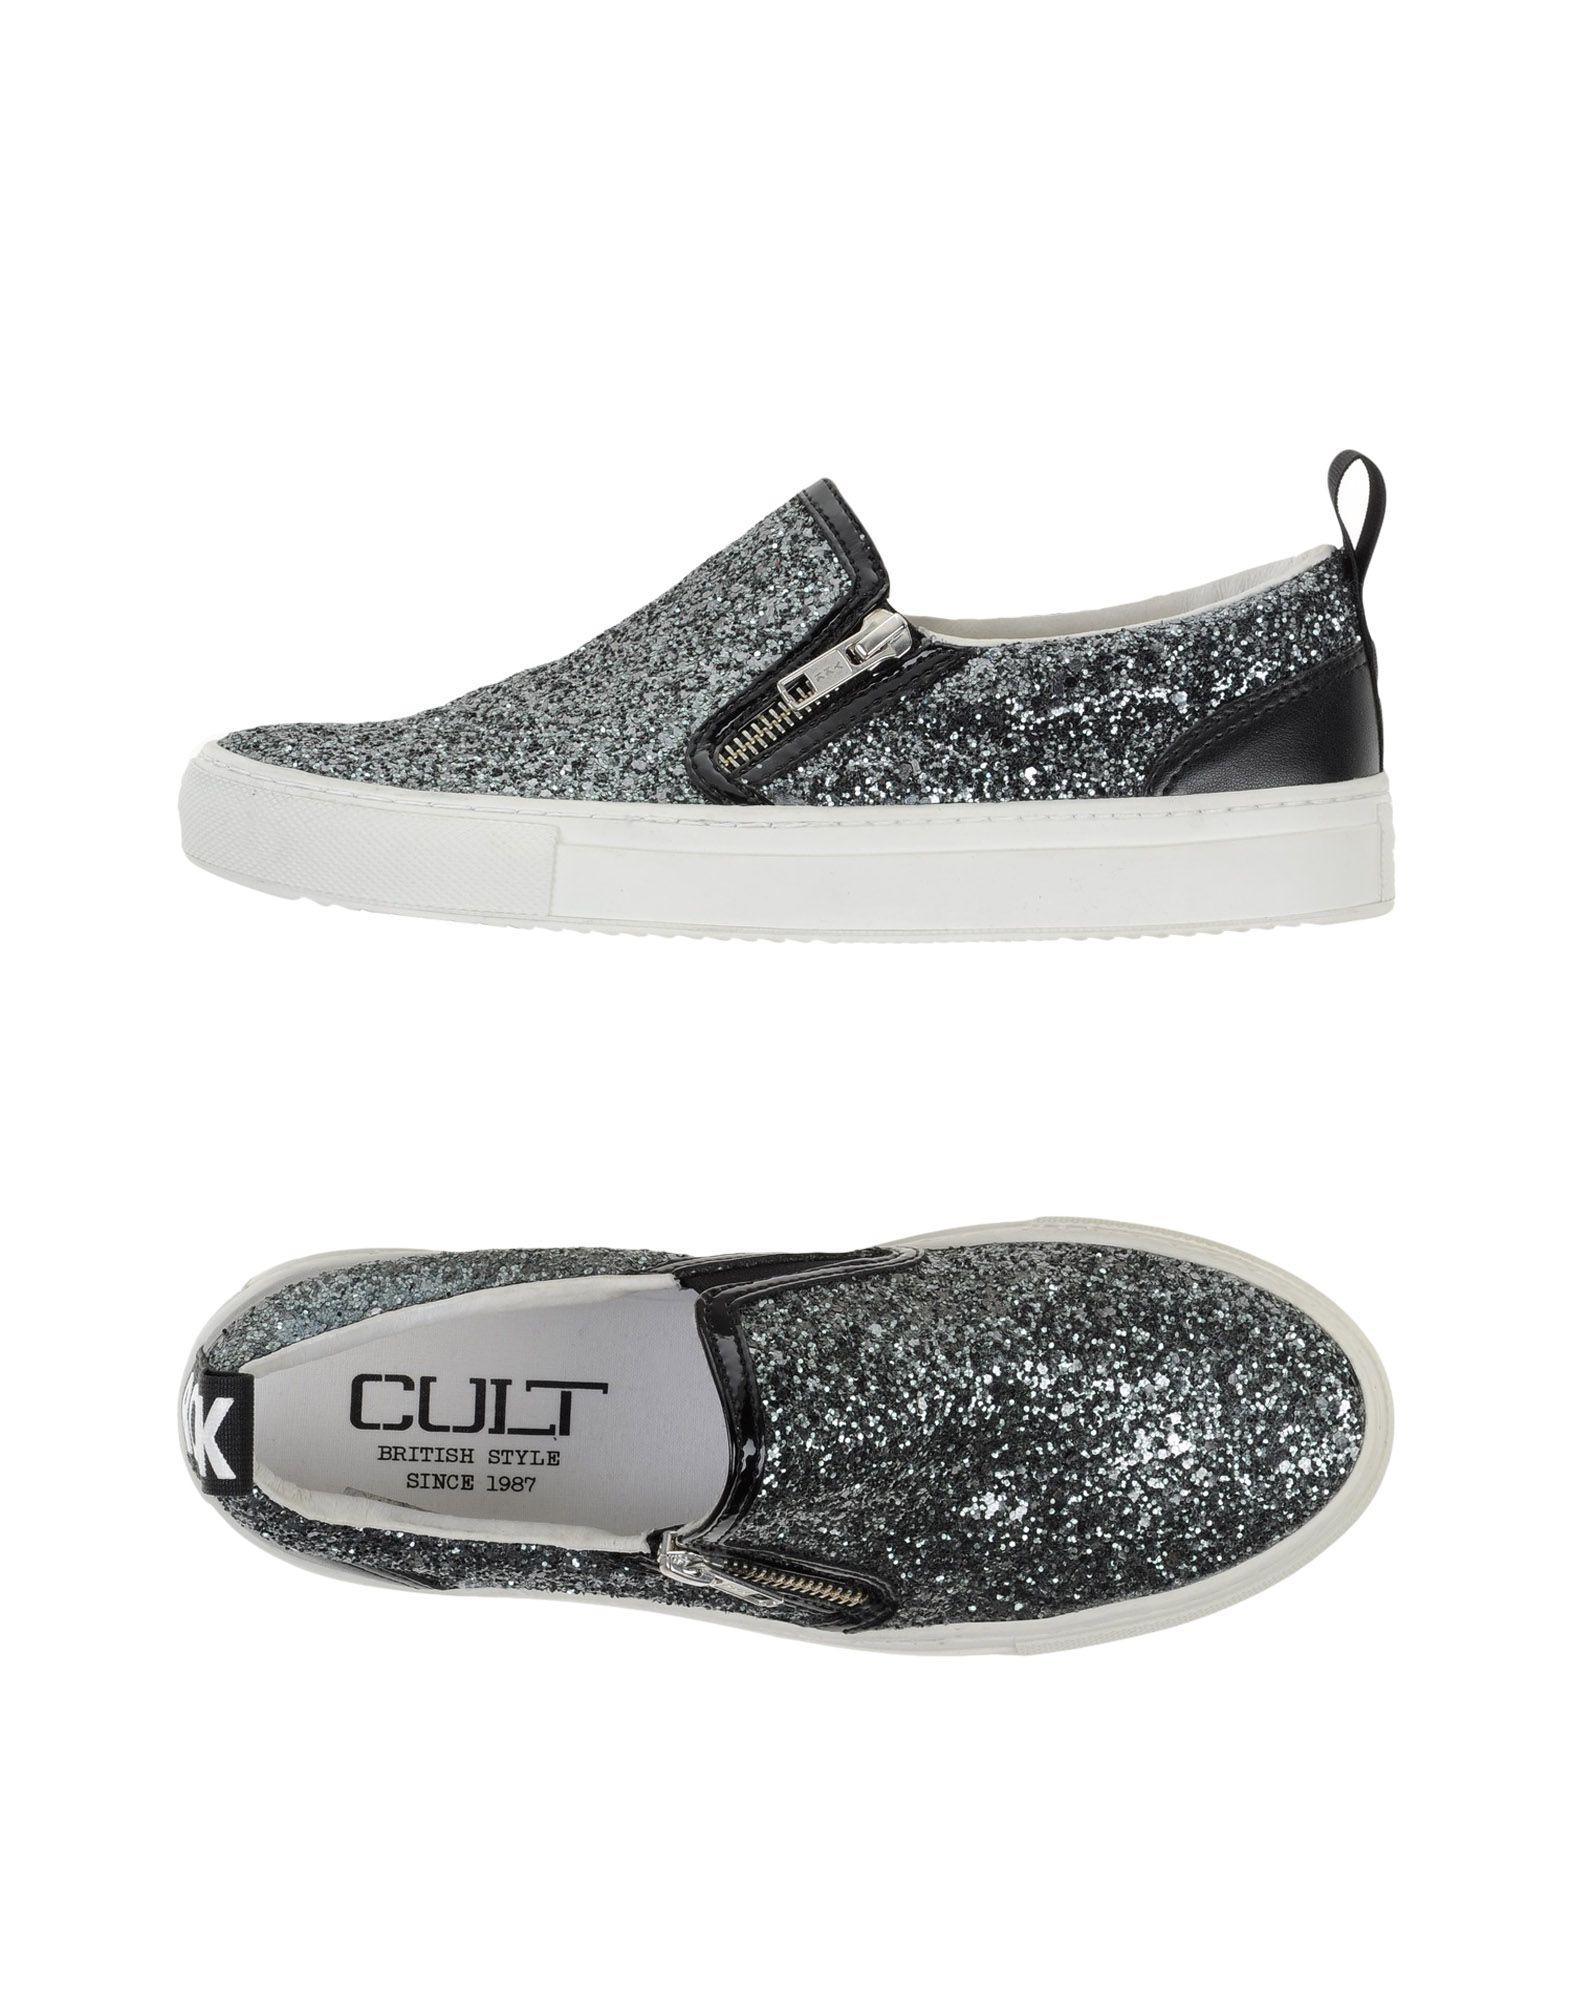 Cult Sneakers In Steel Grey